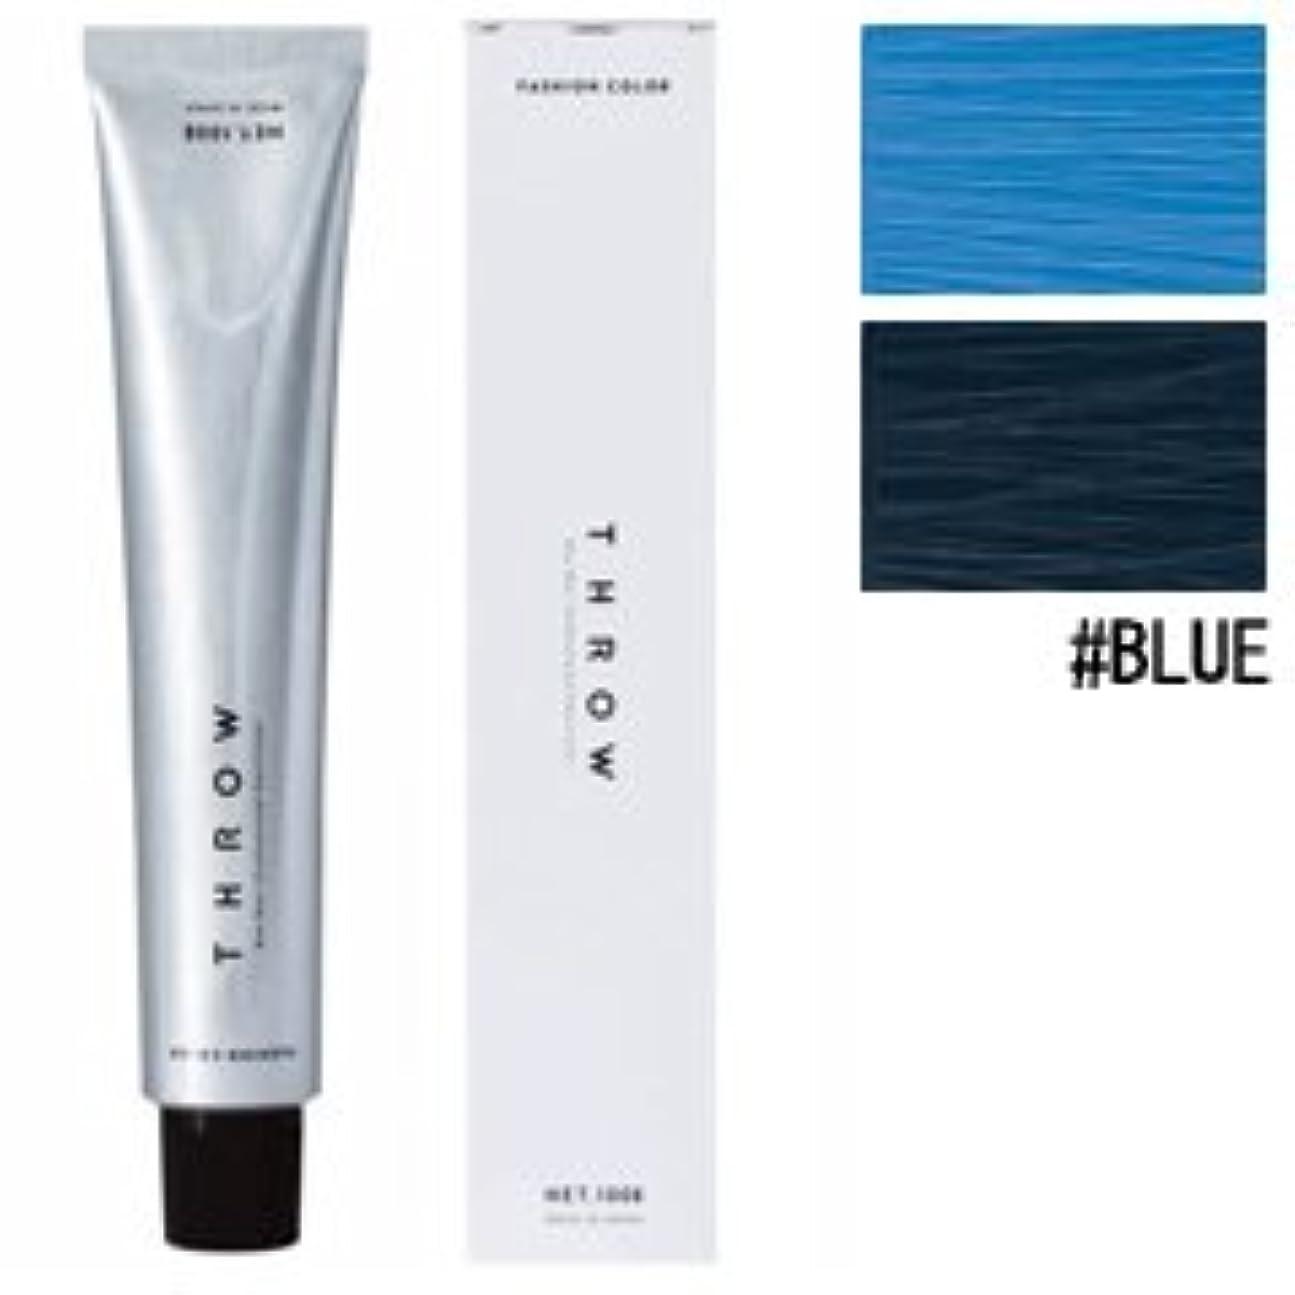 スリーブ変位先見の明【モルトベーネ】スロウ ファッションカラー #BLUE 100g